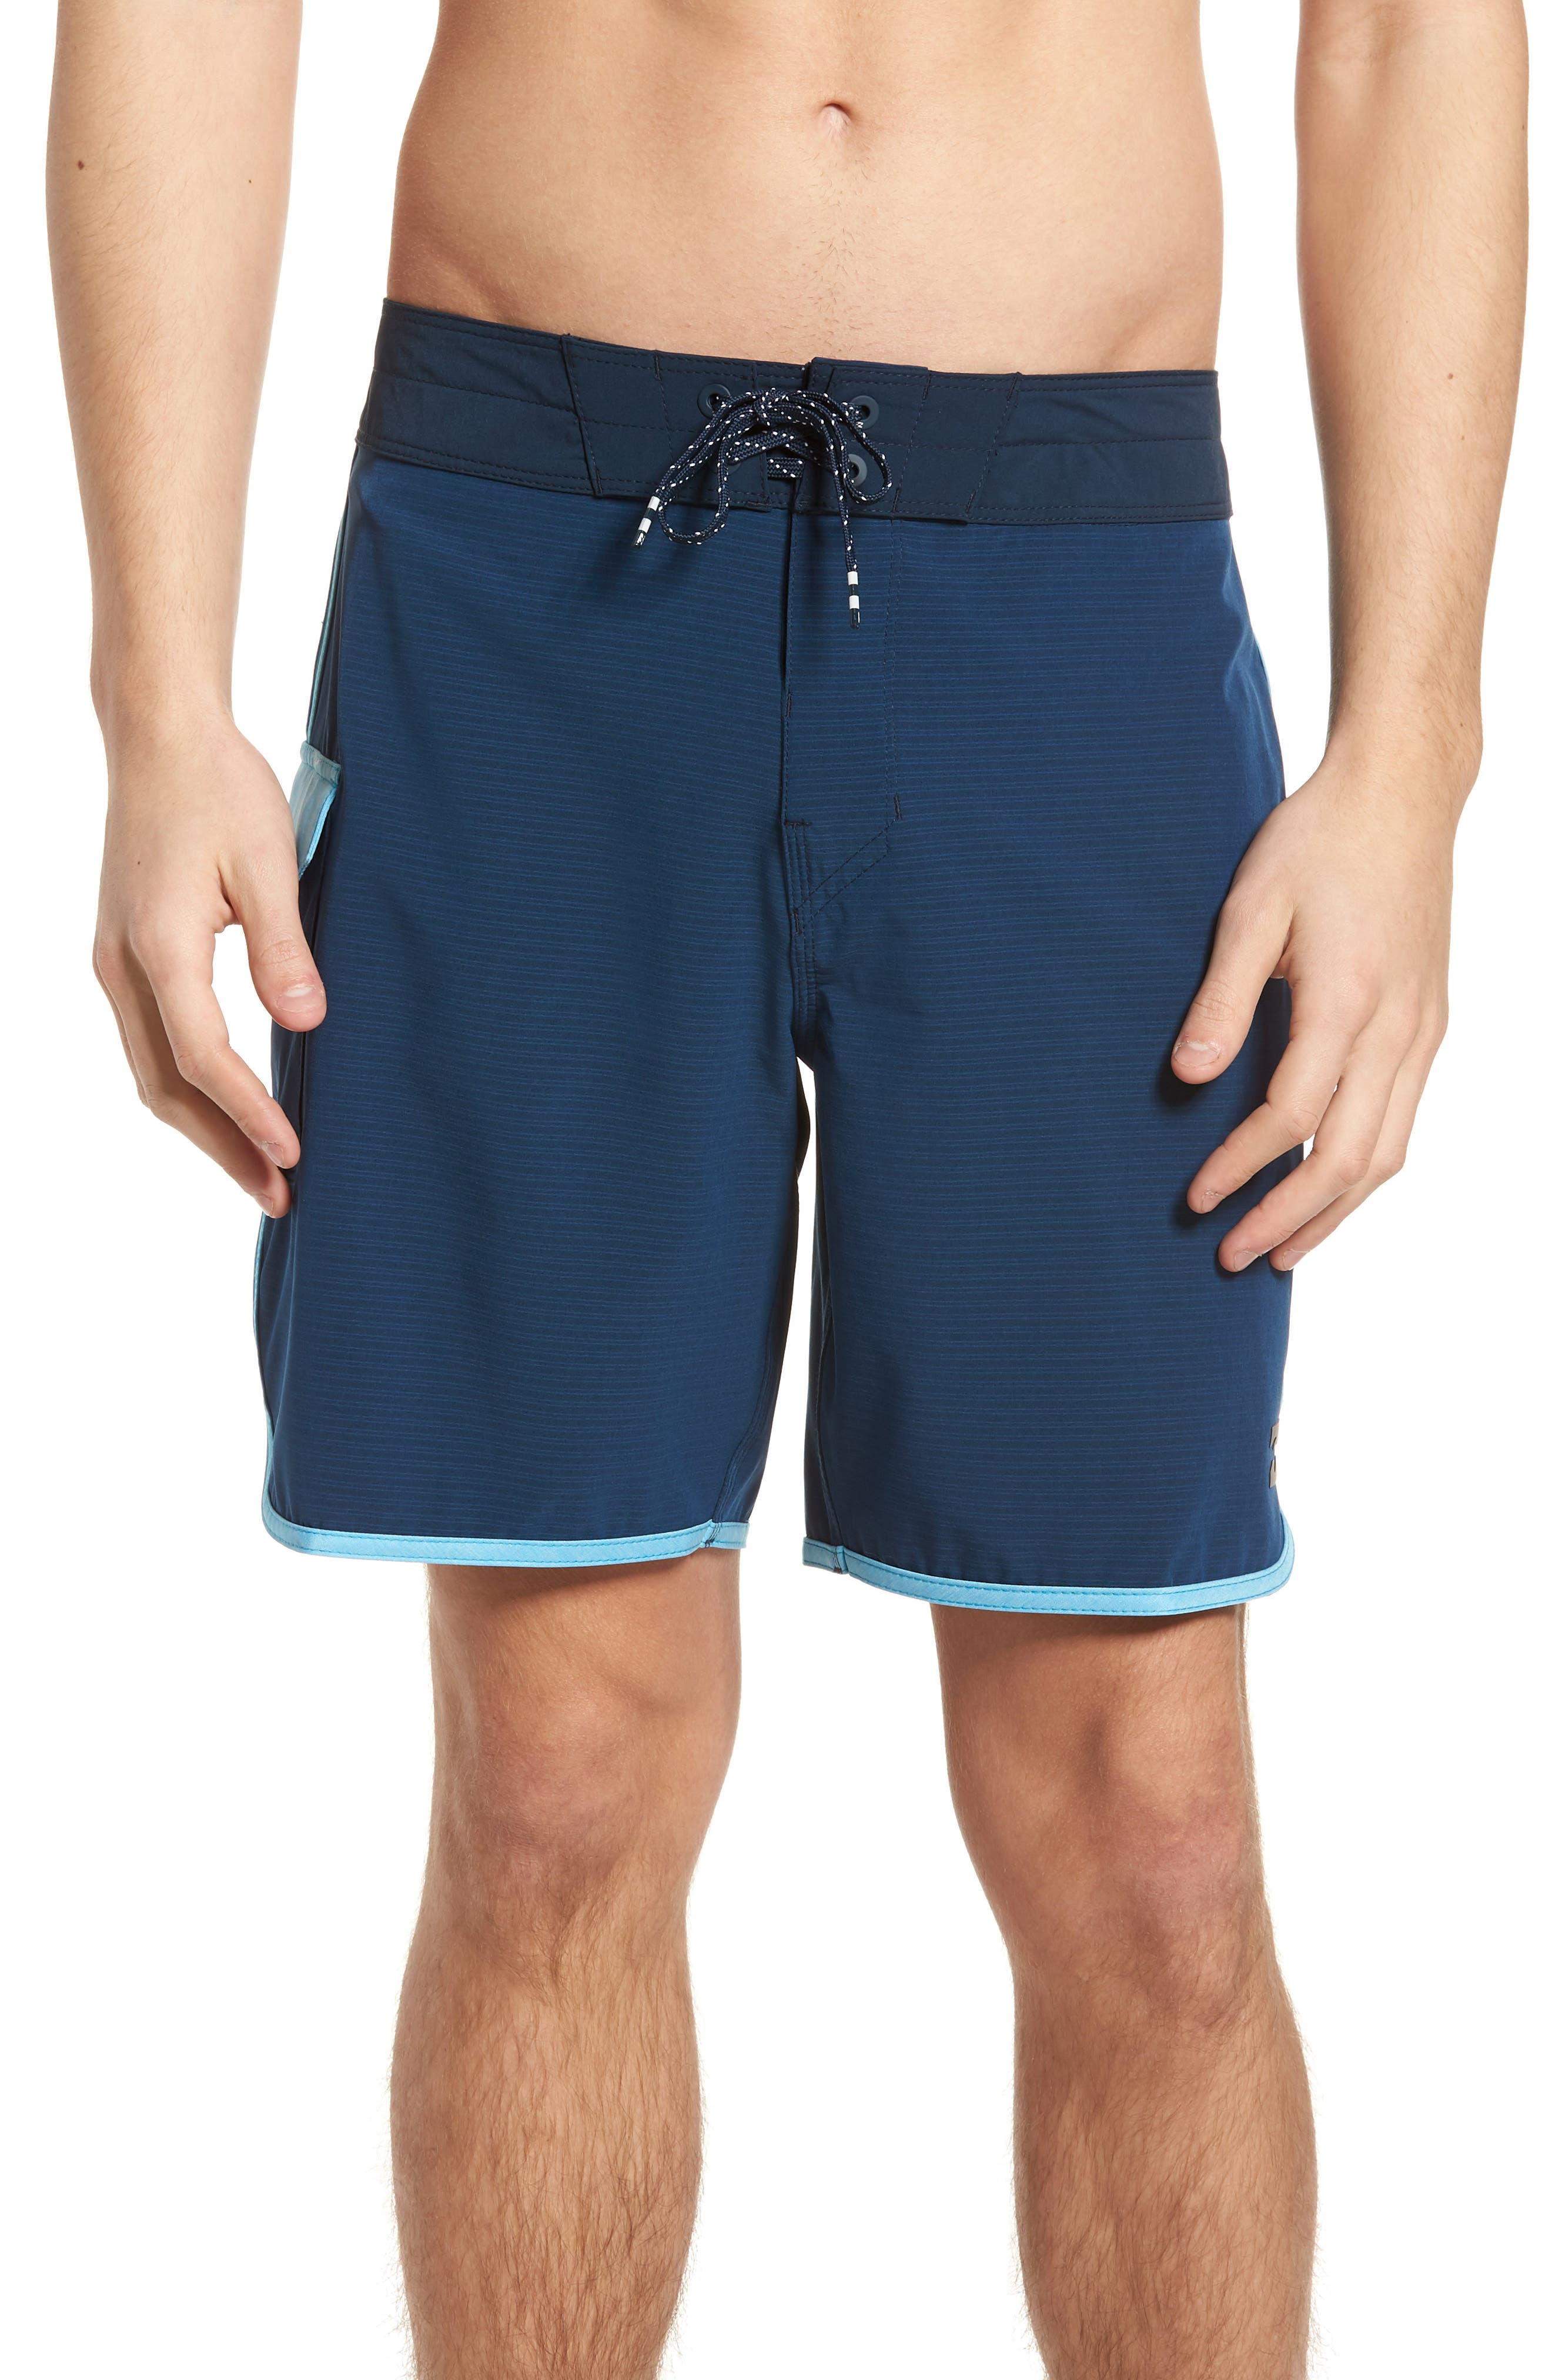 73 X Short Board Shorts,                         Main,                         color, NAVY